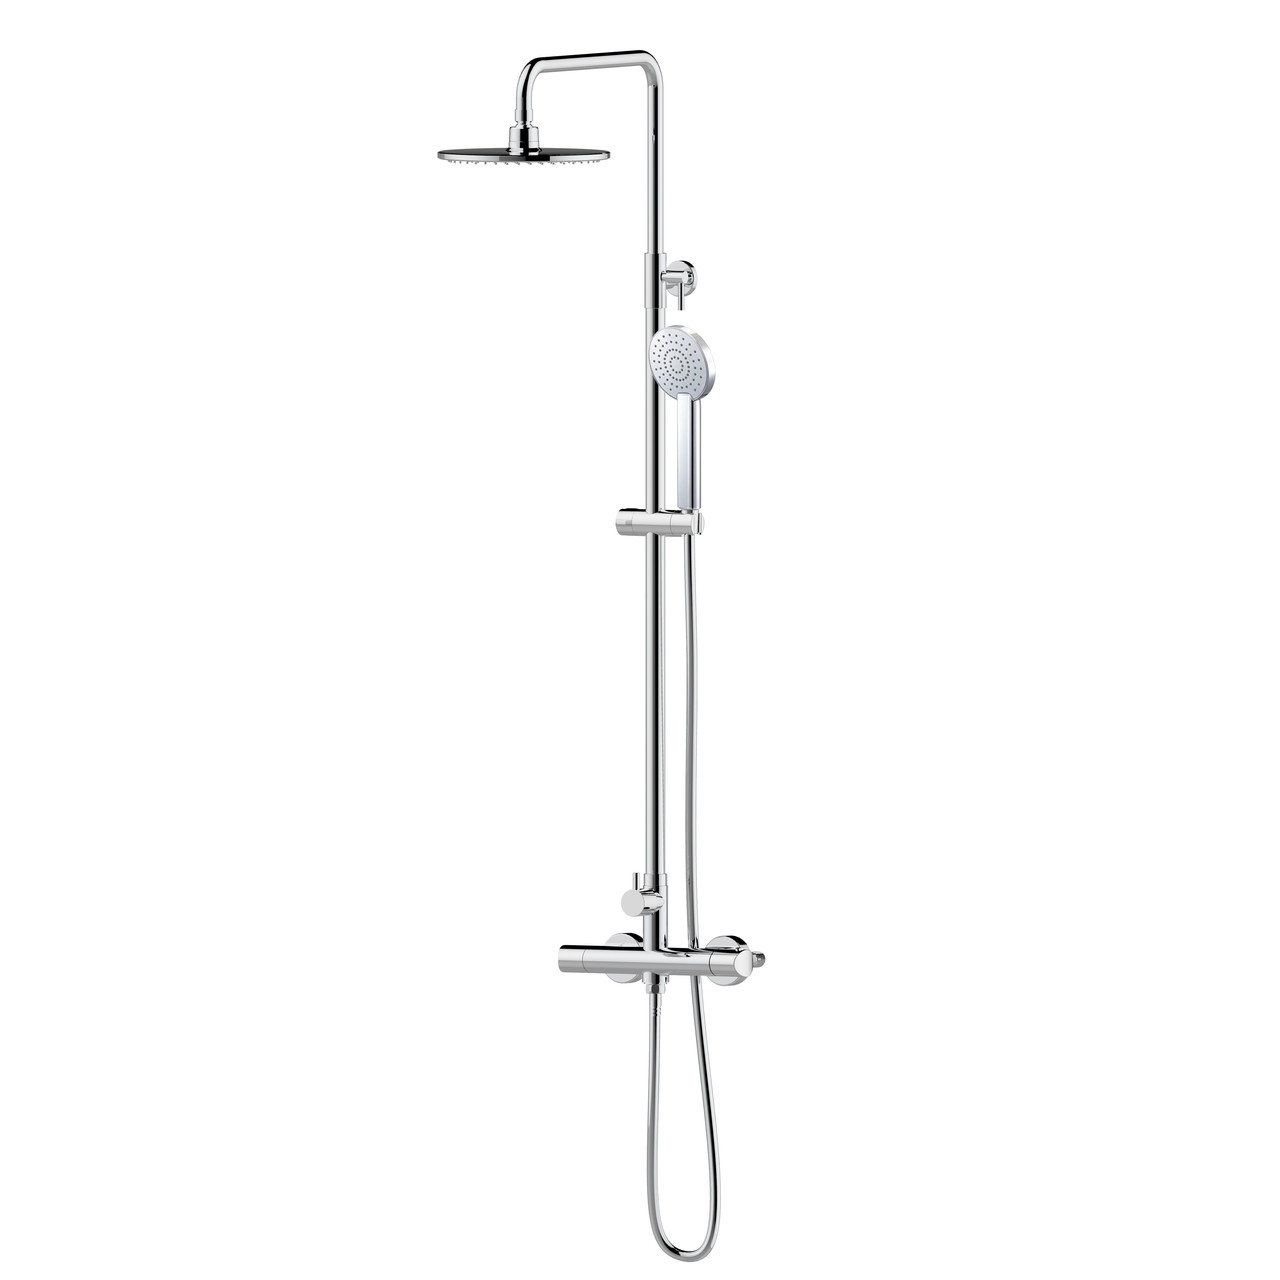 CENTRUM система душевая  (смеситель-термостат для душа, верхний и ручной душ 1режим, шланг )